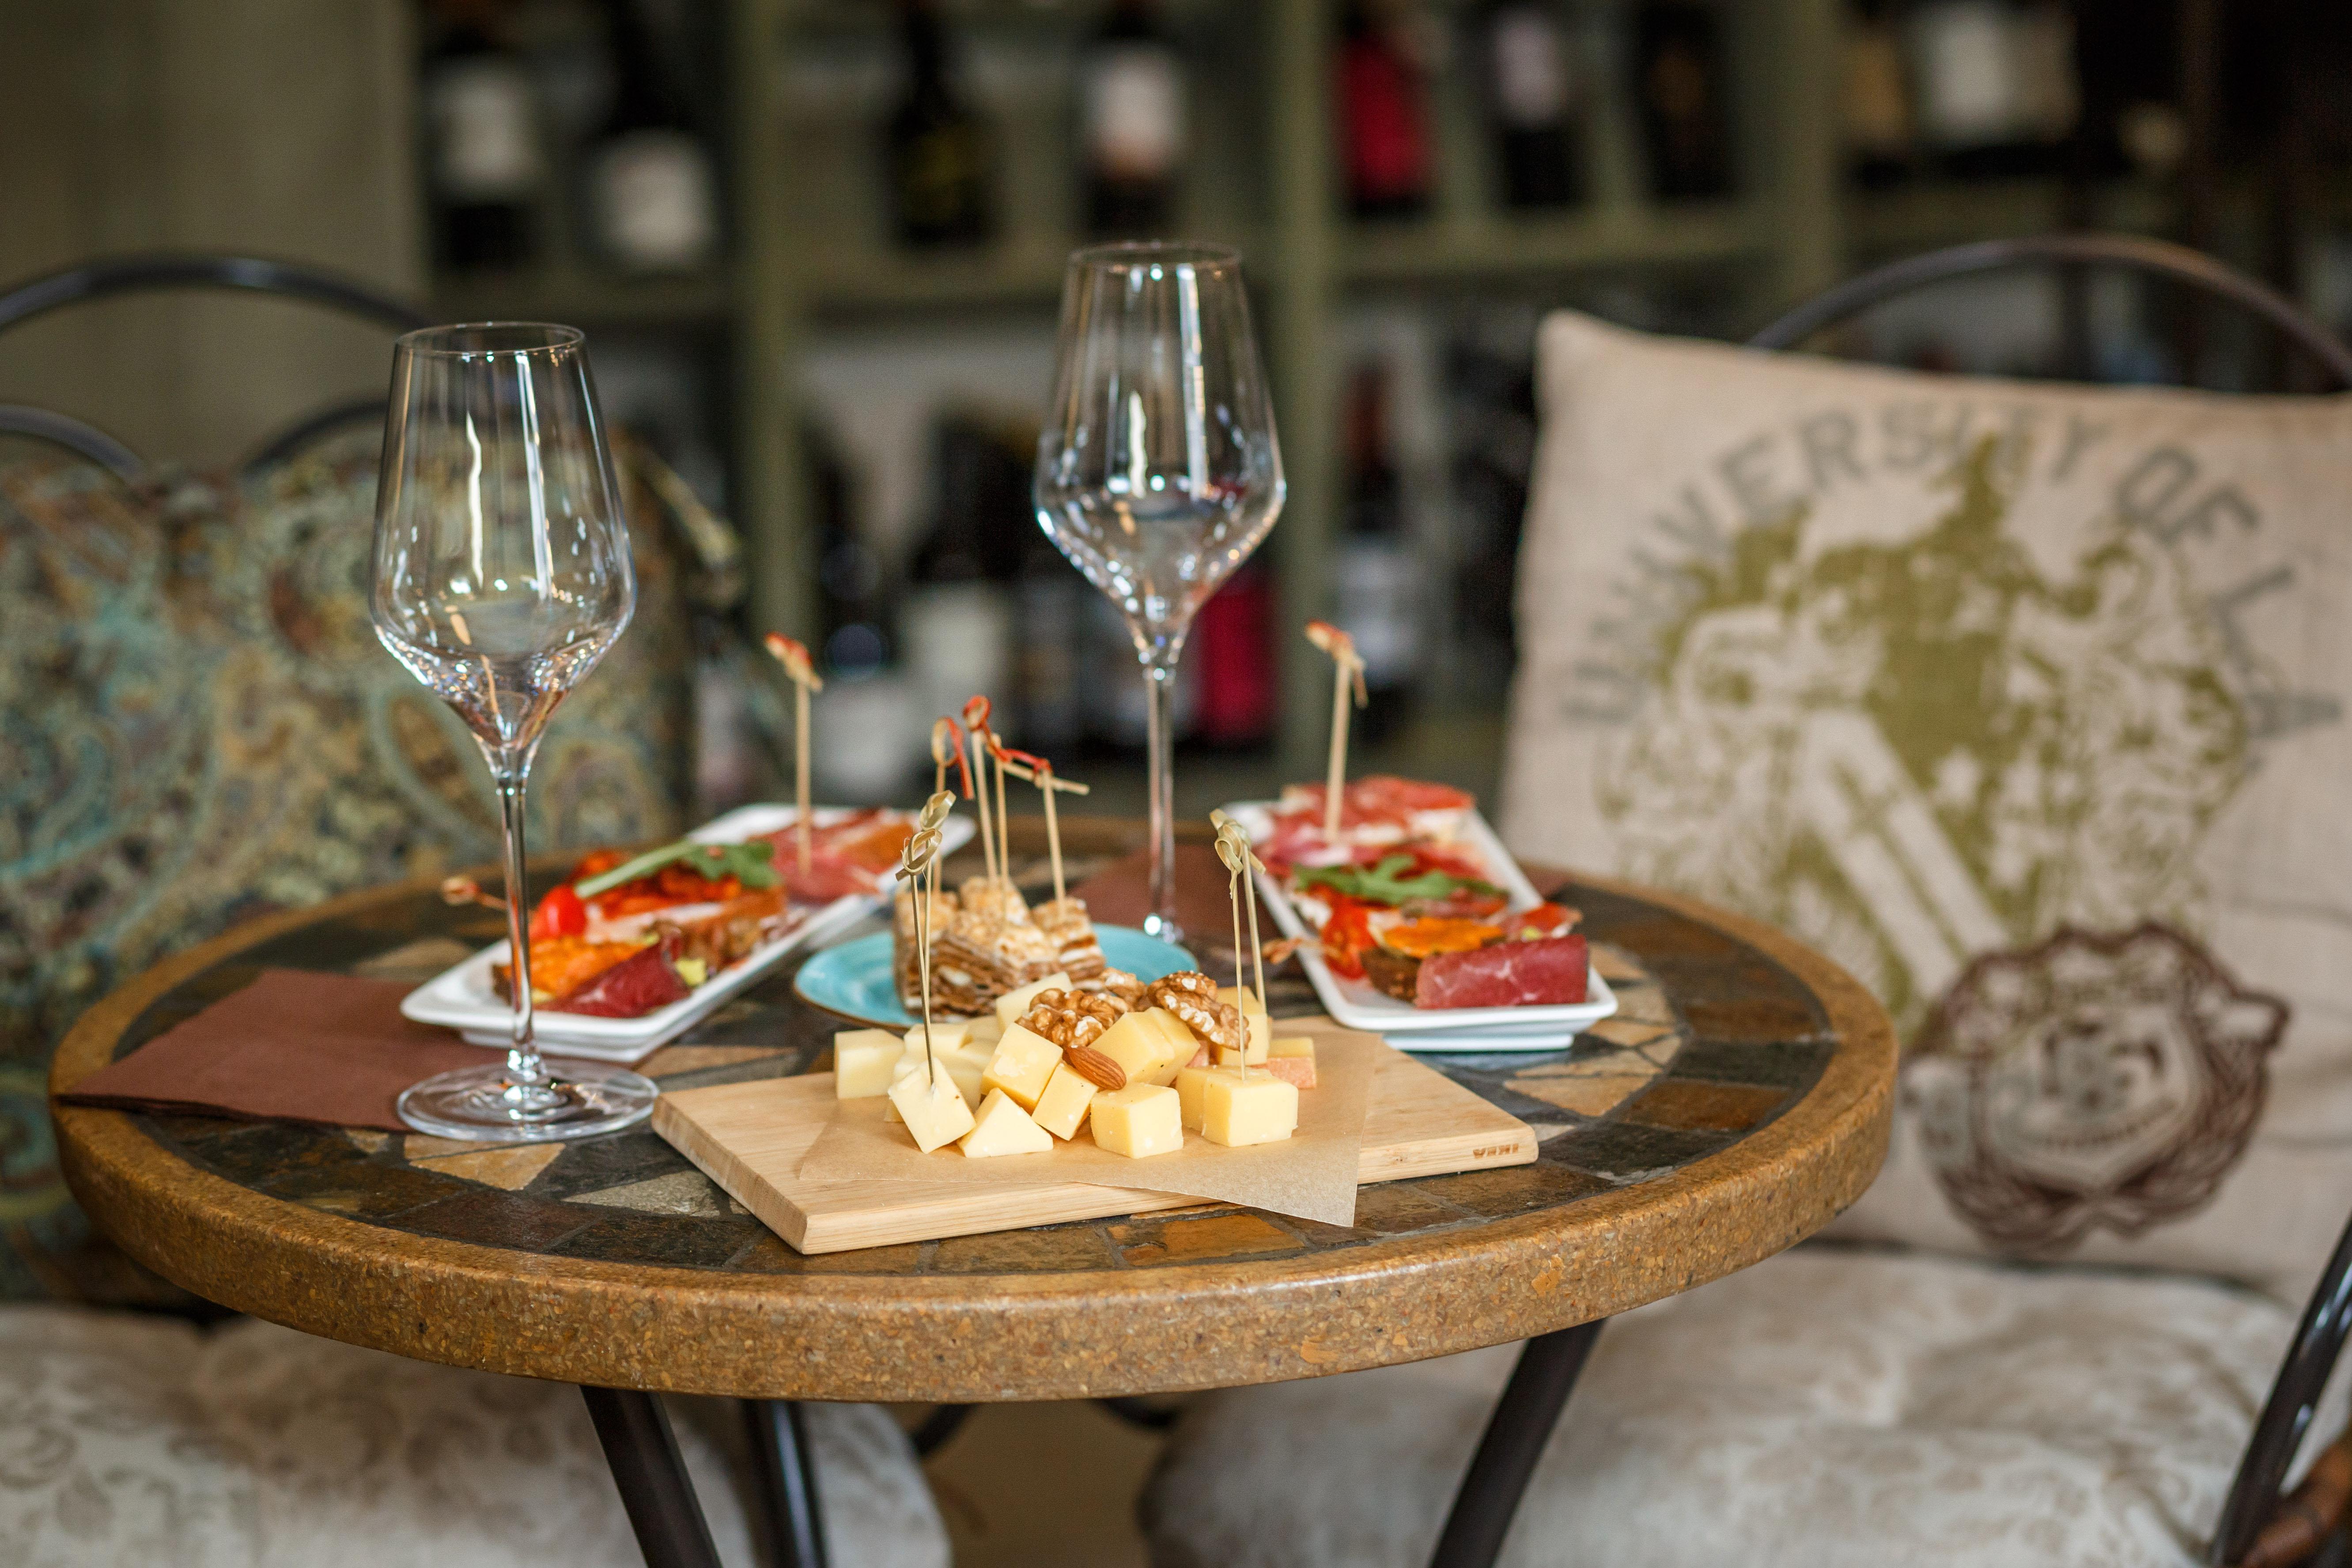 14 октября 19.30 - дегустация классических французских вин и не только